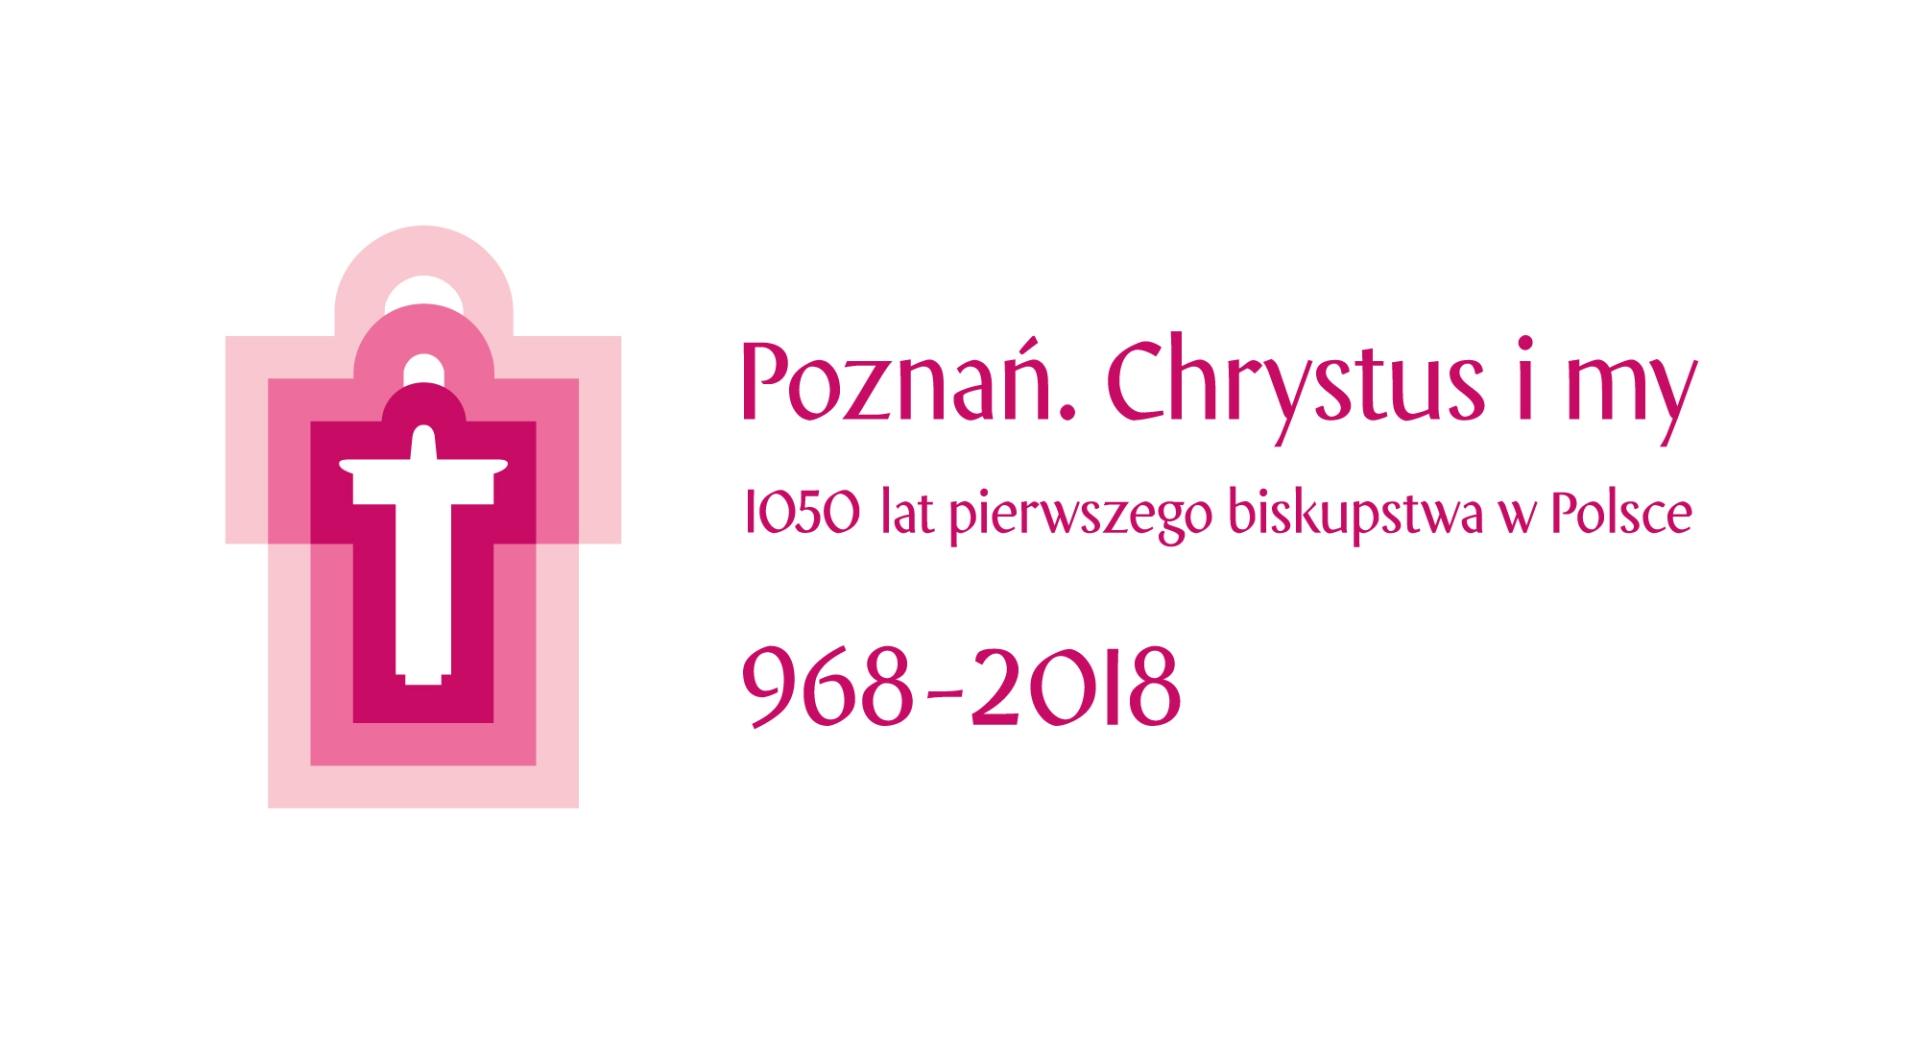 Oglądasz obraz z artykułu: Jubileusz 1050-lecia Archidiecezji Poznańskiej, pierwszego biskupstwa w Polsce